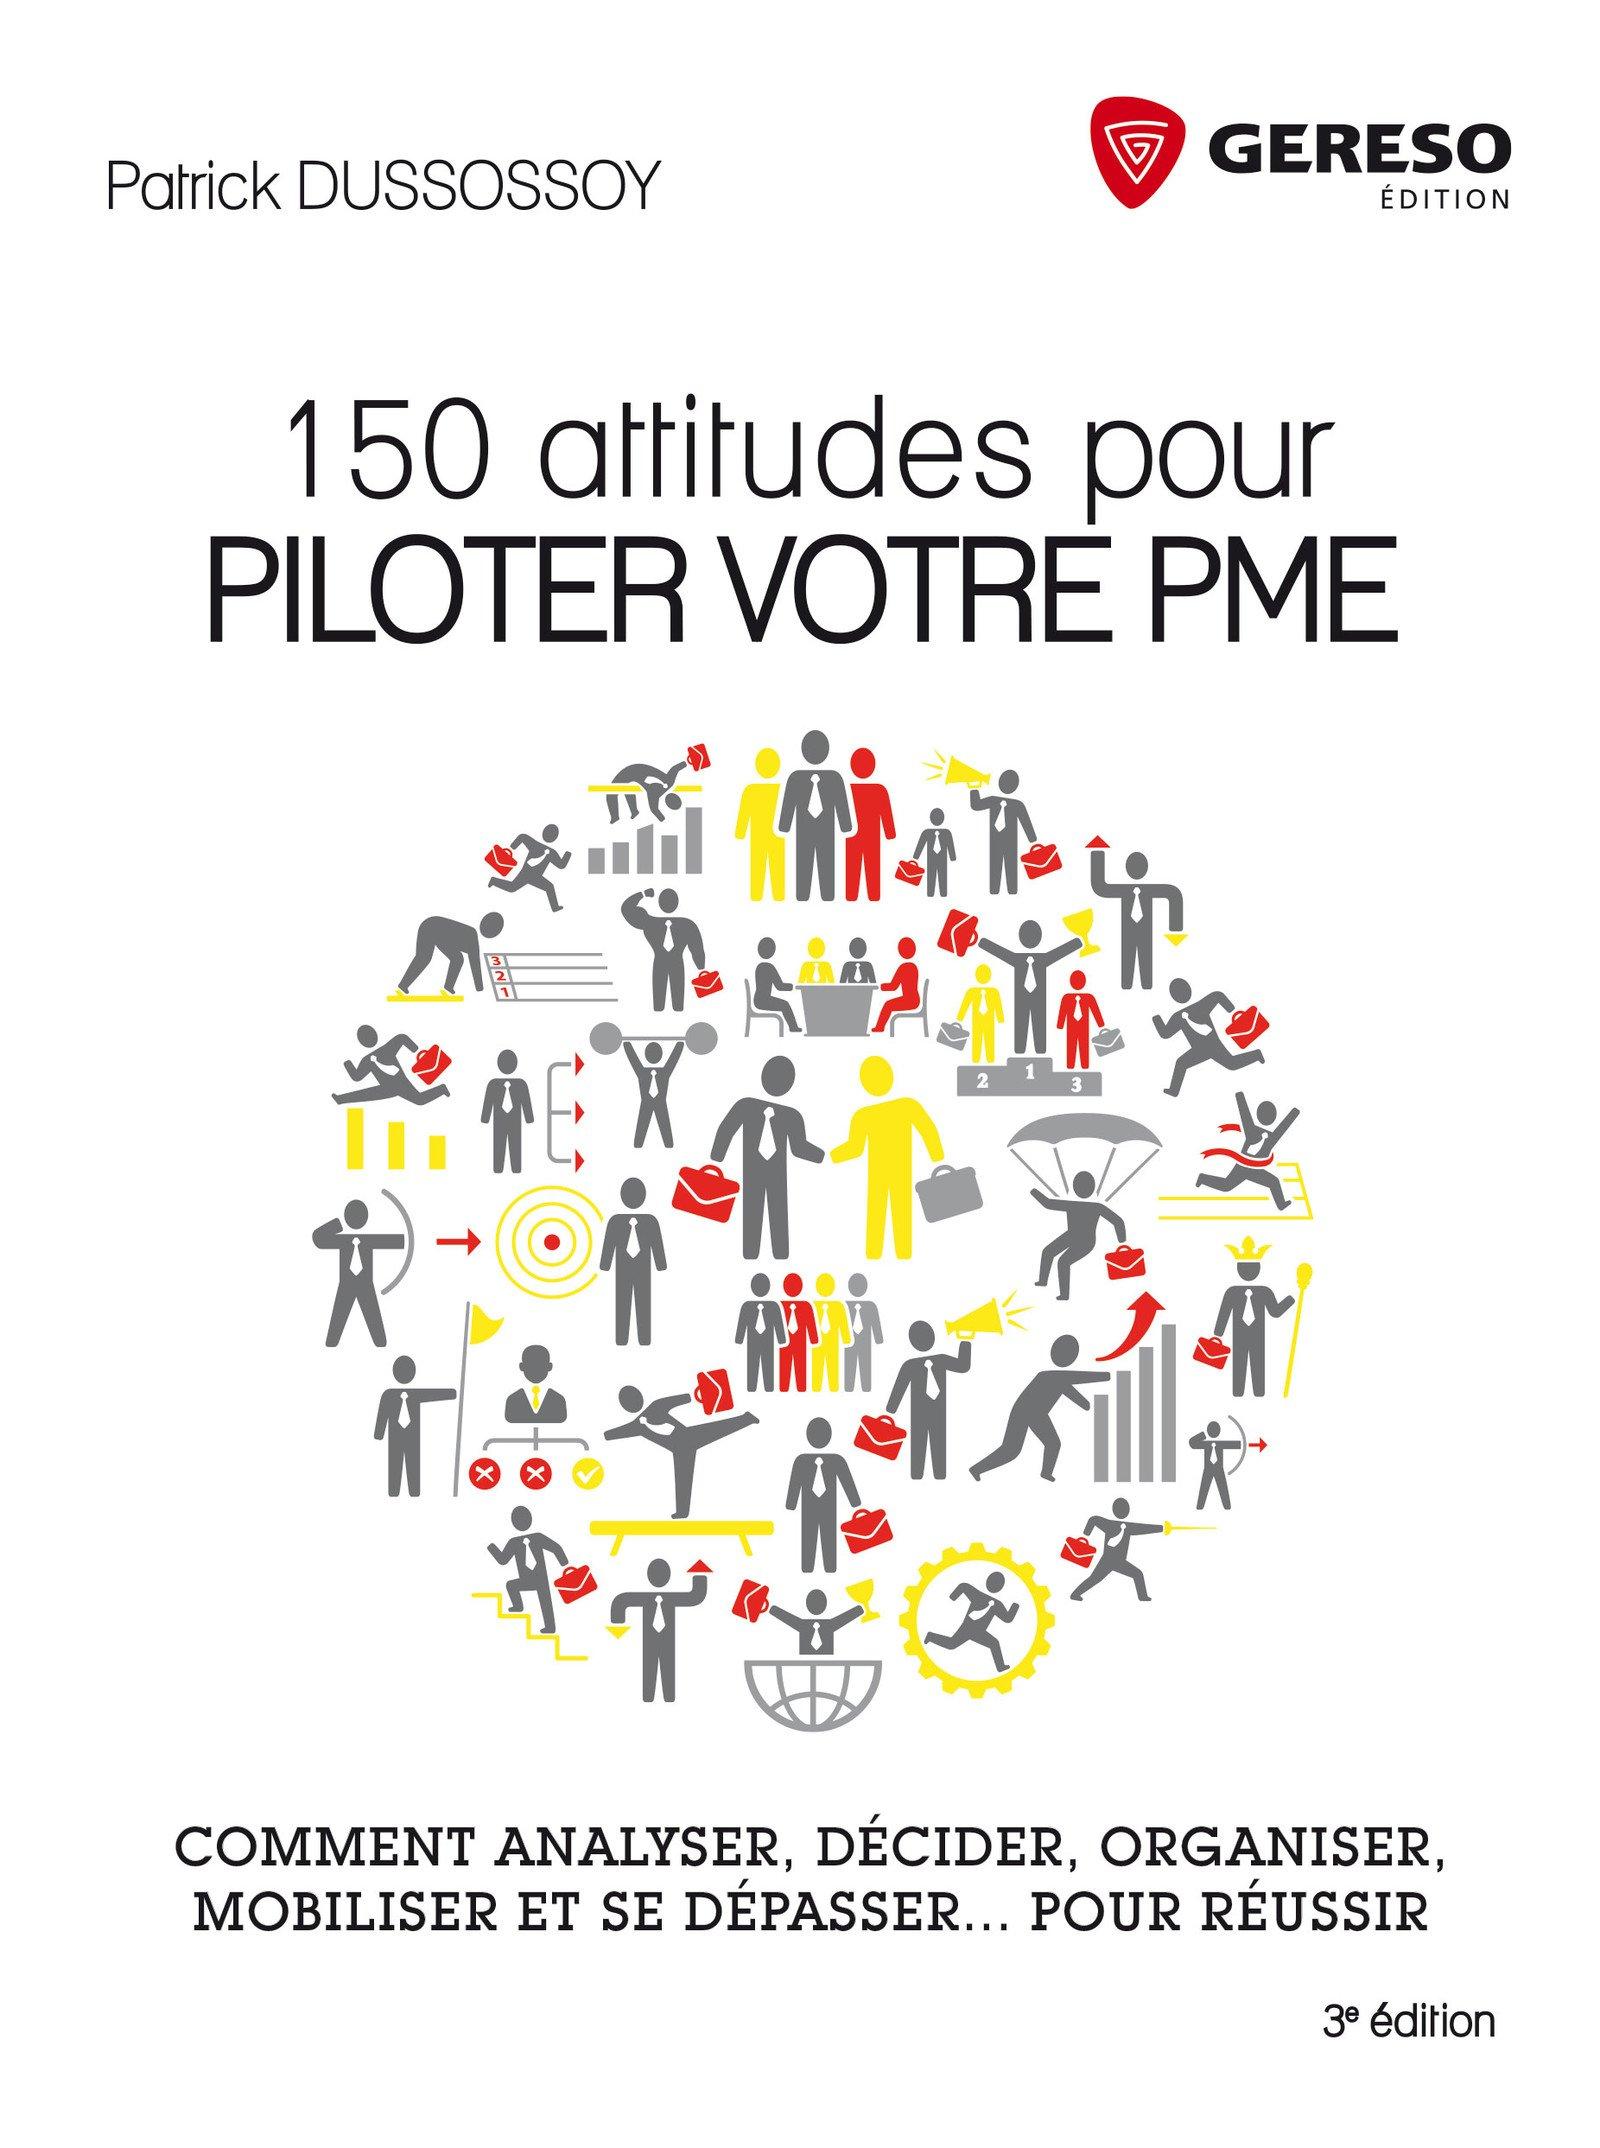 150 attitudes pour piloter votre PME: Comment analyser, décider, organiser, mobiliser et se dépasser... pour réussir. Broché – 8 juillet 2016 Patrick Dussossoy Gereso 2359533940 Entreprise